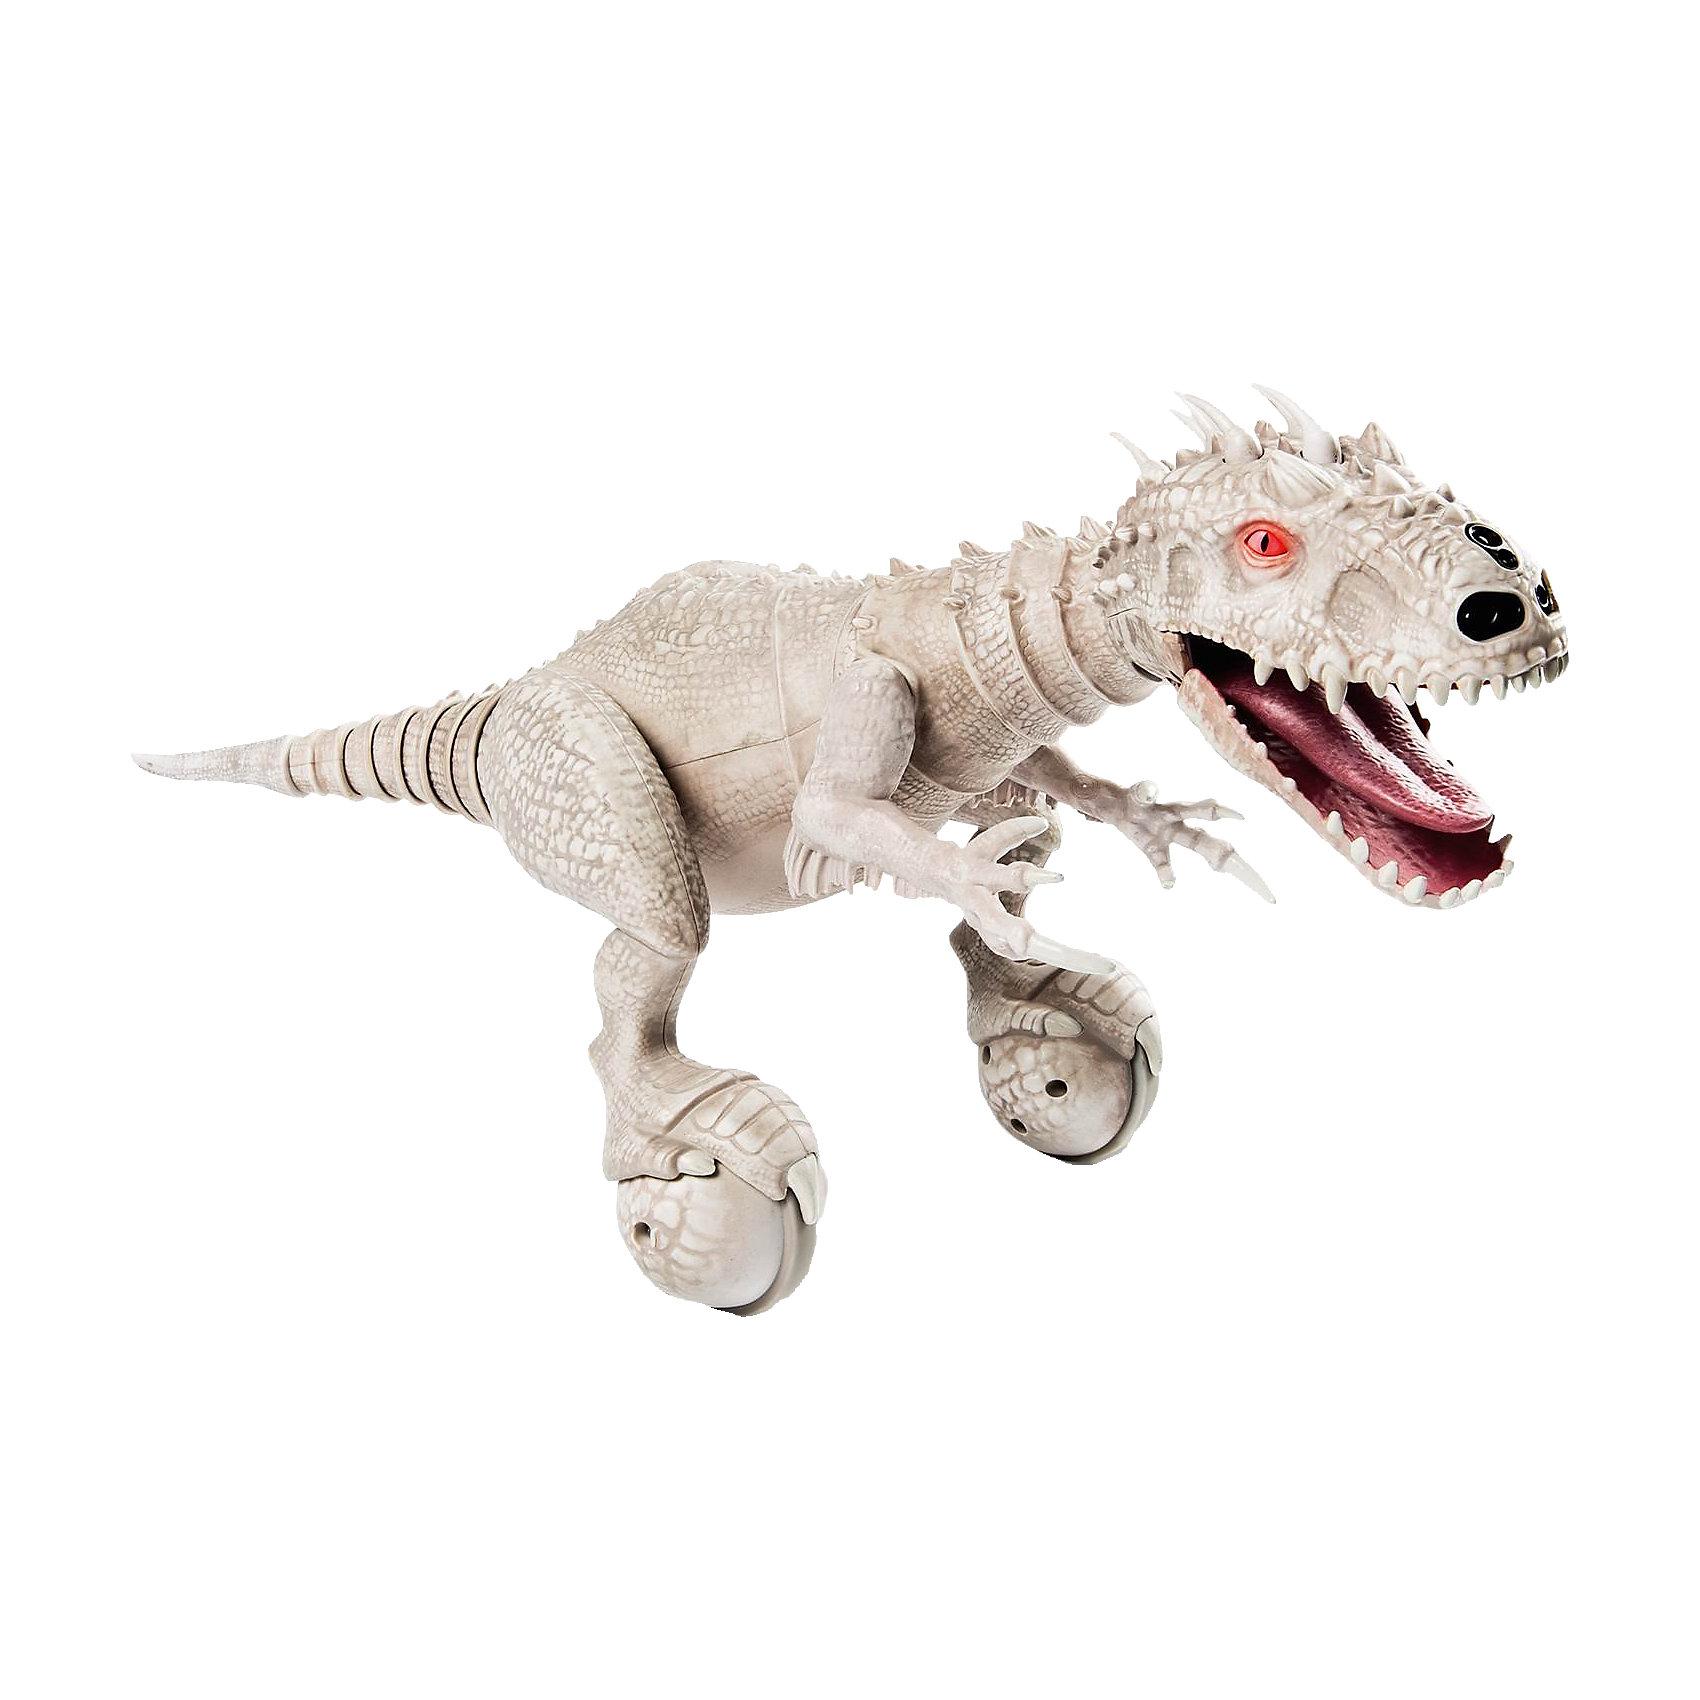 Динозавр интерактивный Парк юрского периода, Dino Zoomer, Spin MasterИнтерактивный динозавр Dino Zoomer (Дино Зумер) Парк юрского периода, Spin Master (Спин Мастер) - удивительная многофункциональная игрушка, которая вызовет восхищение у детей и взрослых. Грозный на вид, но очень дружелюбный динозаврик - настоящий домашний питомец, который не только обладает собственным характером, но и может выполнять разные команды. Игрушка может работать в двух режимах - автономном и при помощи пульта ДУ. В автономном режиме динозавр передвигается и принюхивается, изучая окружающий мир. Может злиться или радоваться и демонстрирует самое разное поведение, в зависимости от настроения. Когда динозаврик злится, он рычит, грызет и крушит все вокруг. Настроение Вашего питомца можно также определить по цвету его  глаз (например, голубые глаза - когда он дружелюбен, красные - сердитый). Если потянуть динозавра за хвост, он рассердится. Dino Zoomer издает разнообразные звуки как настоящий динозавр: рычит, довольно урчит, смеется, воспроизводит звуковые эффекты из фильма. А благодаря специальным сенсорам он даже определяет местоположение хозяина.<br>Его движения реалистичны, рот открывается, голова, ноги и хвост подвижны. Плавно передвигаясь на двух колесах, динозавр изучает территорию дома, принюхивается. Под звуки музыки Дино начинает забавно танцевать. В режиме управления с помощью жестов Вы можете отдавать команды своему питомцу, его можно заставить крутится вокруг своей оси, садиться на хвост. На спине имеется сенсорный датчик для выполнения трюков (при нажатии выполняет случайный трюк). Как любой домашний питомец динозаврик любит общаться со своим хозяином, в ответ урчит и смешно фыркает. В режиме ДУ динозаврик патрулирует заданную территорию, защищает ее и забавно атакует незваных гостей.<br><br>Дополнительная информация:<br>- Время игры: 20–30 минут, время зарядки - около 1 часа.<br>- В комплекте: робот-динозавр, USB кабель, пульт управления, инструкция.<br>- Материал: пластик.<br>